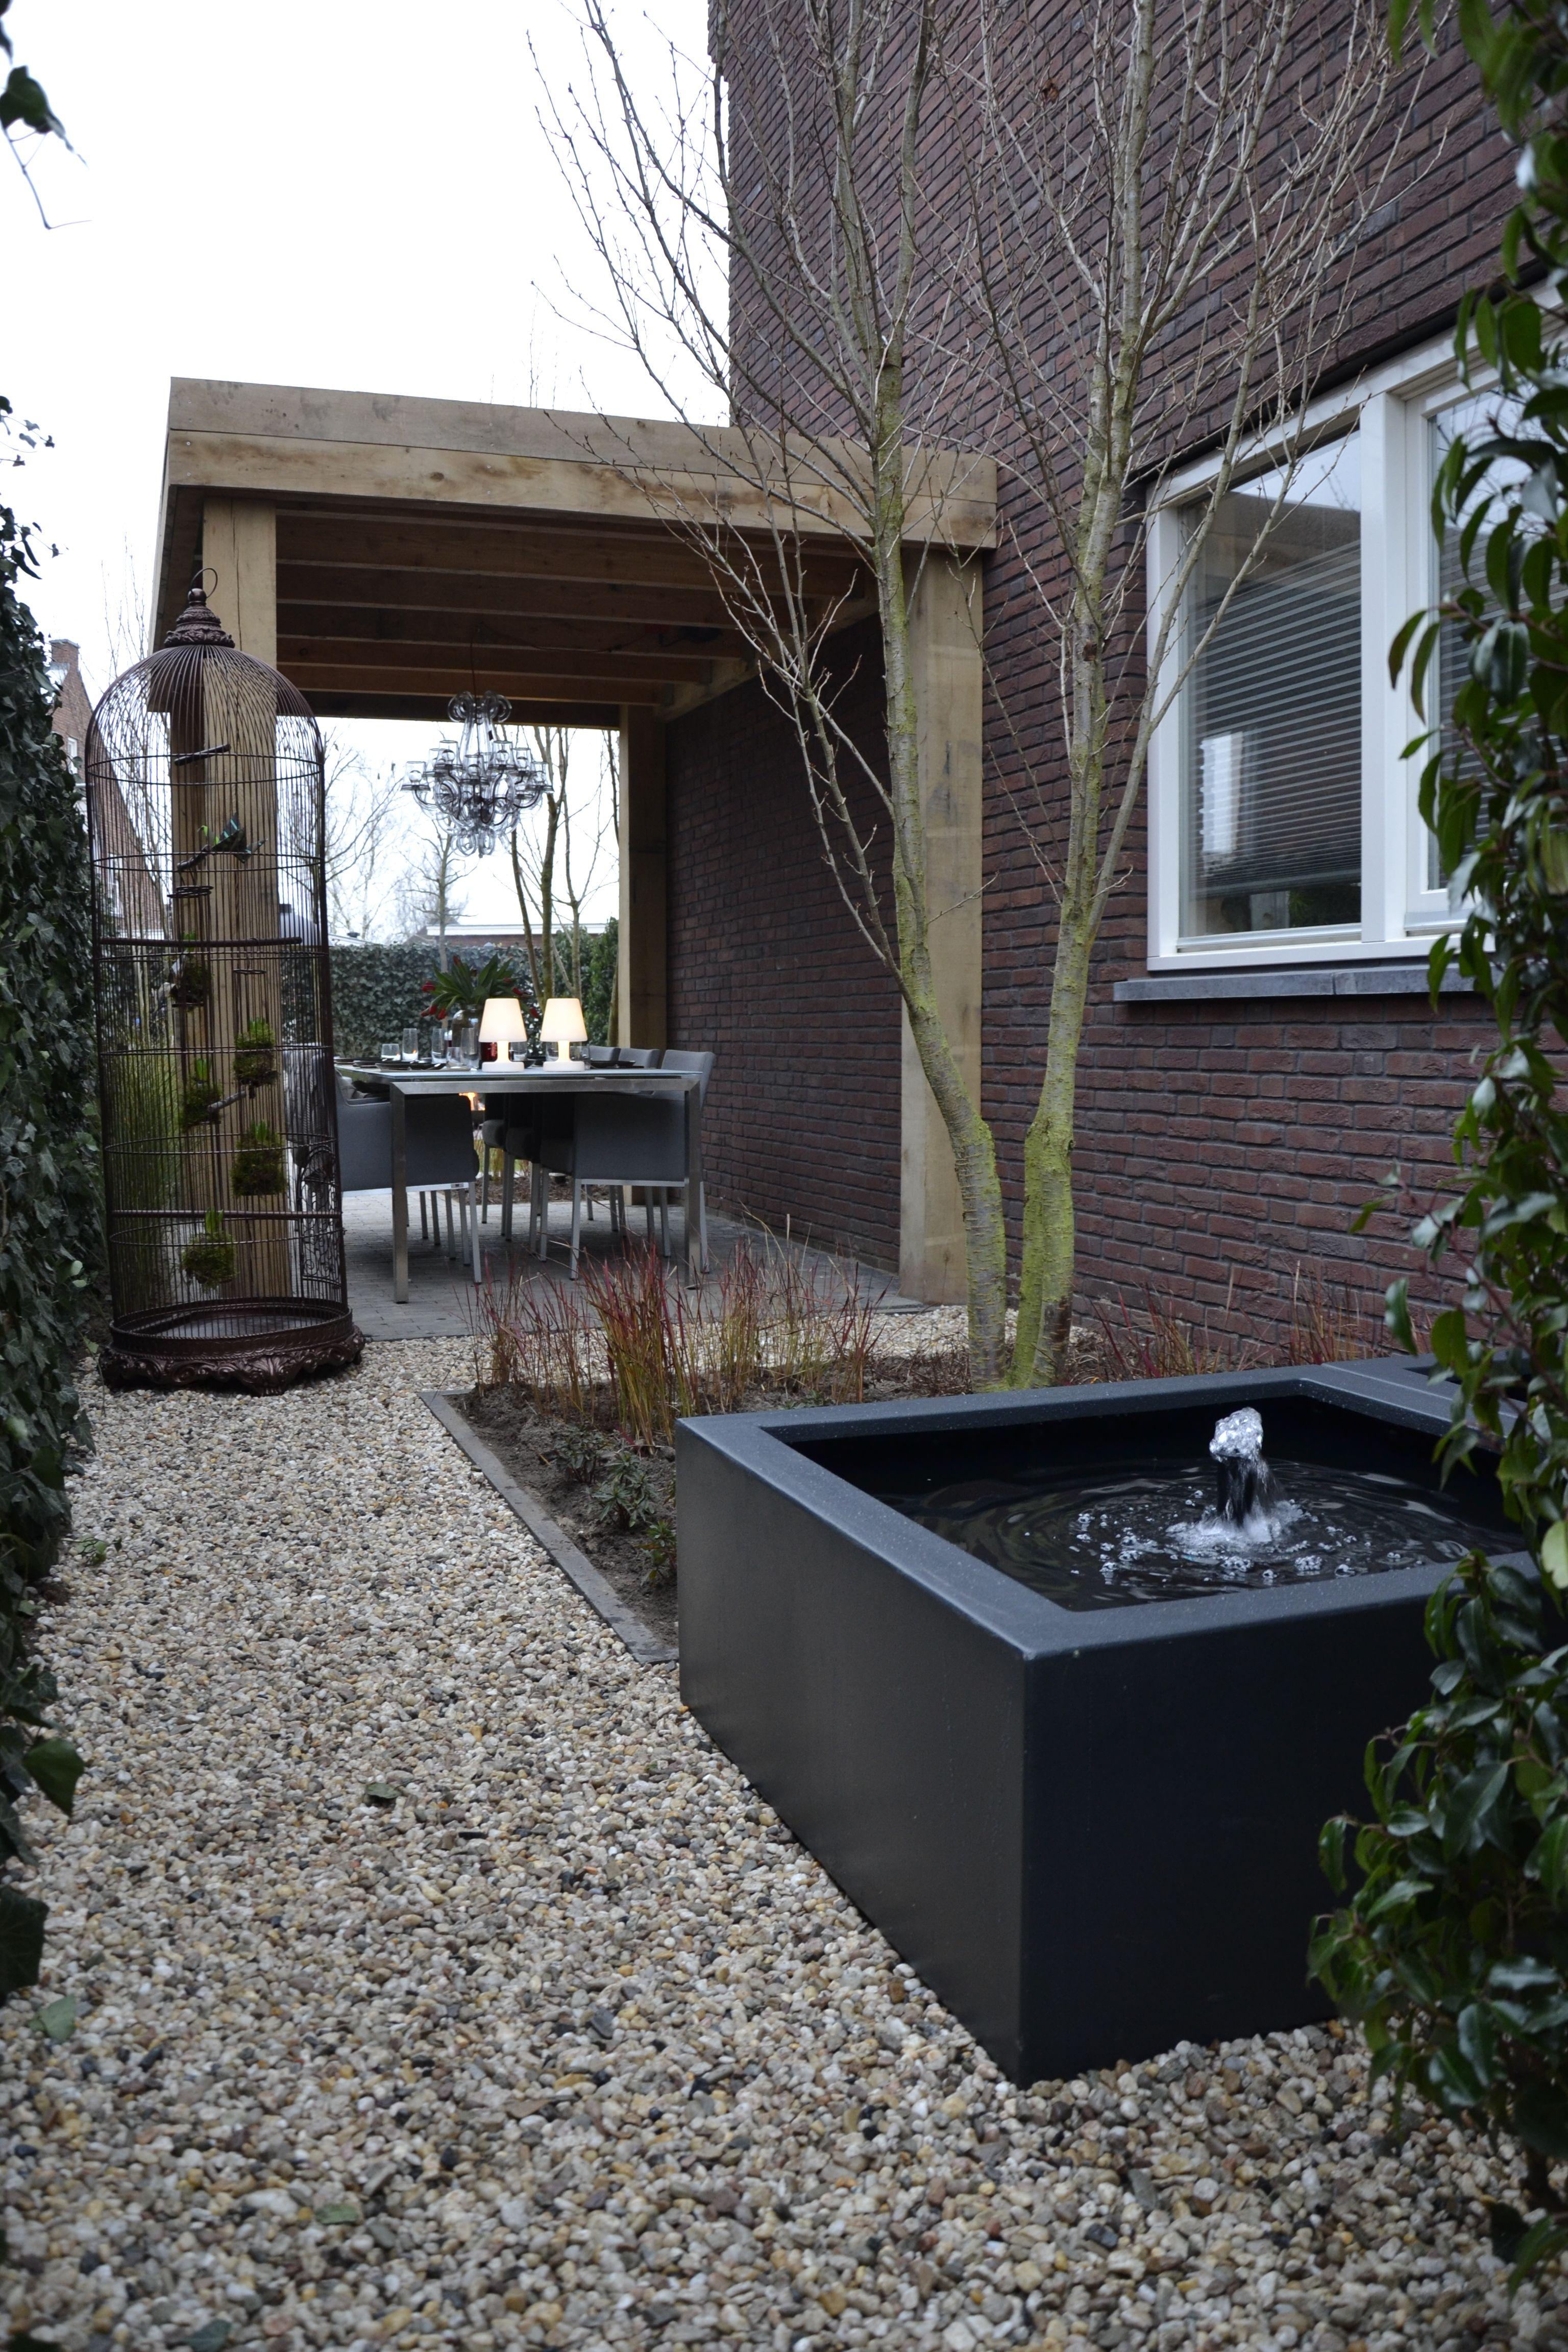 Eigen huis en tuin praxis een strakke look in de tuin tuin pinterest huis en tuin - Hedendaagse fontein ...